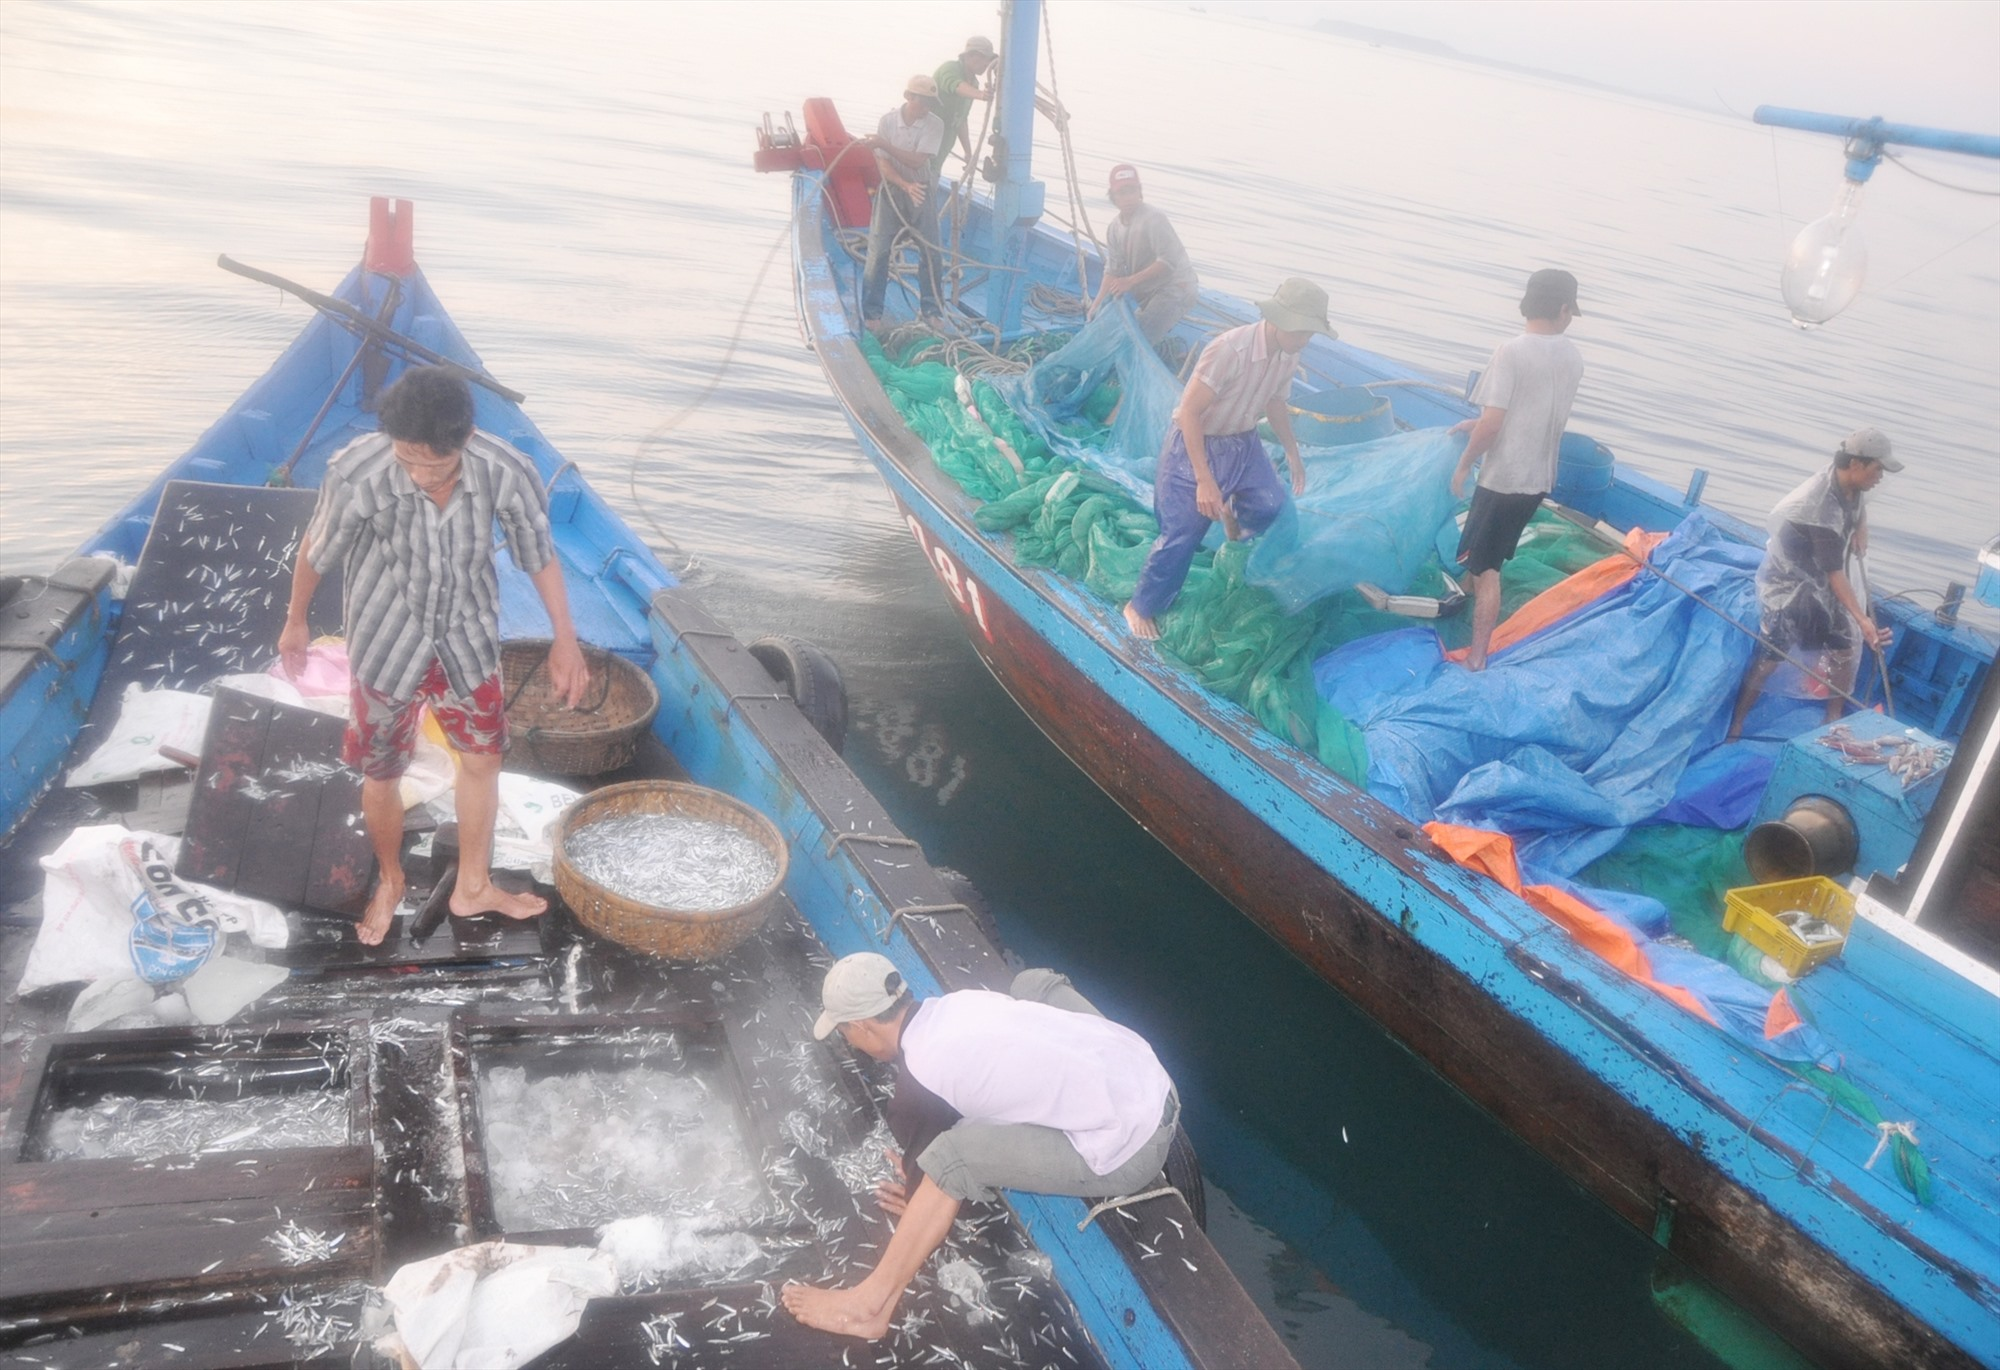 Rỗi cá cập mạn phương tiện khai thác hải sản để mua cá. Ảnh: H.Q